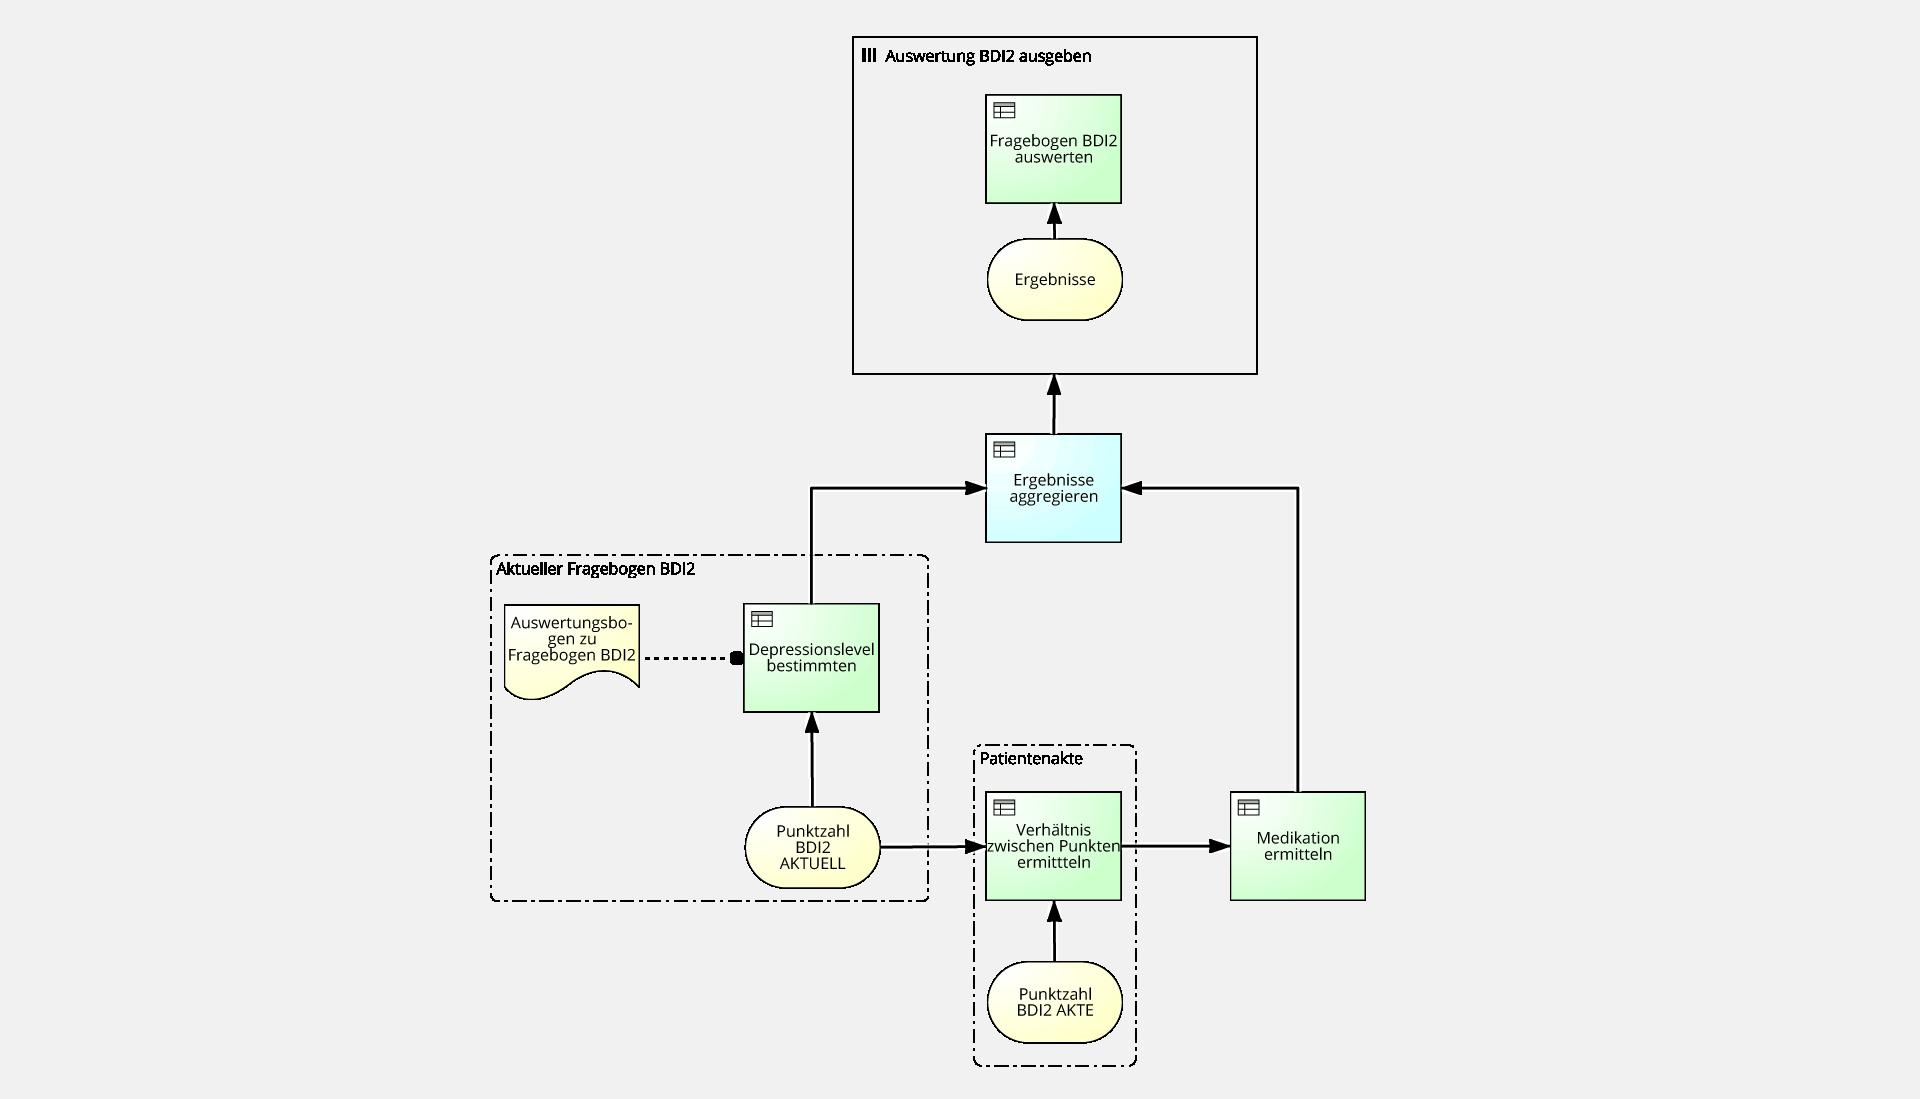 Diagramm: Auswertung des Fragebogens Diagramm: Auswertung des Fragebogens